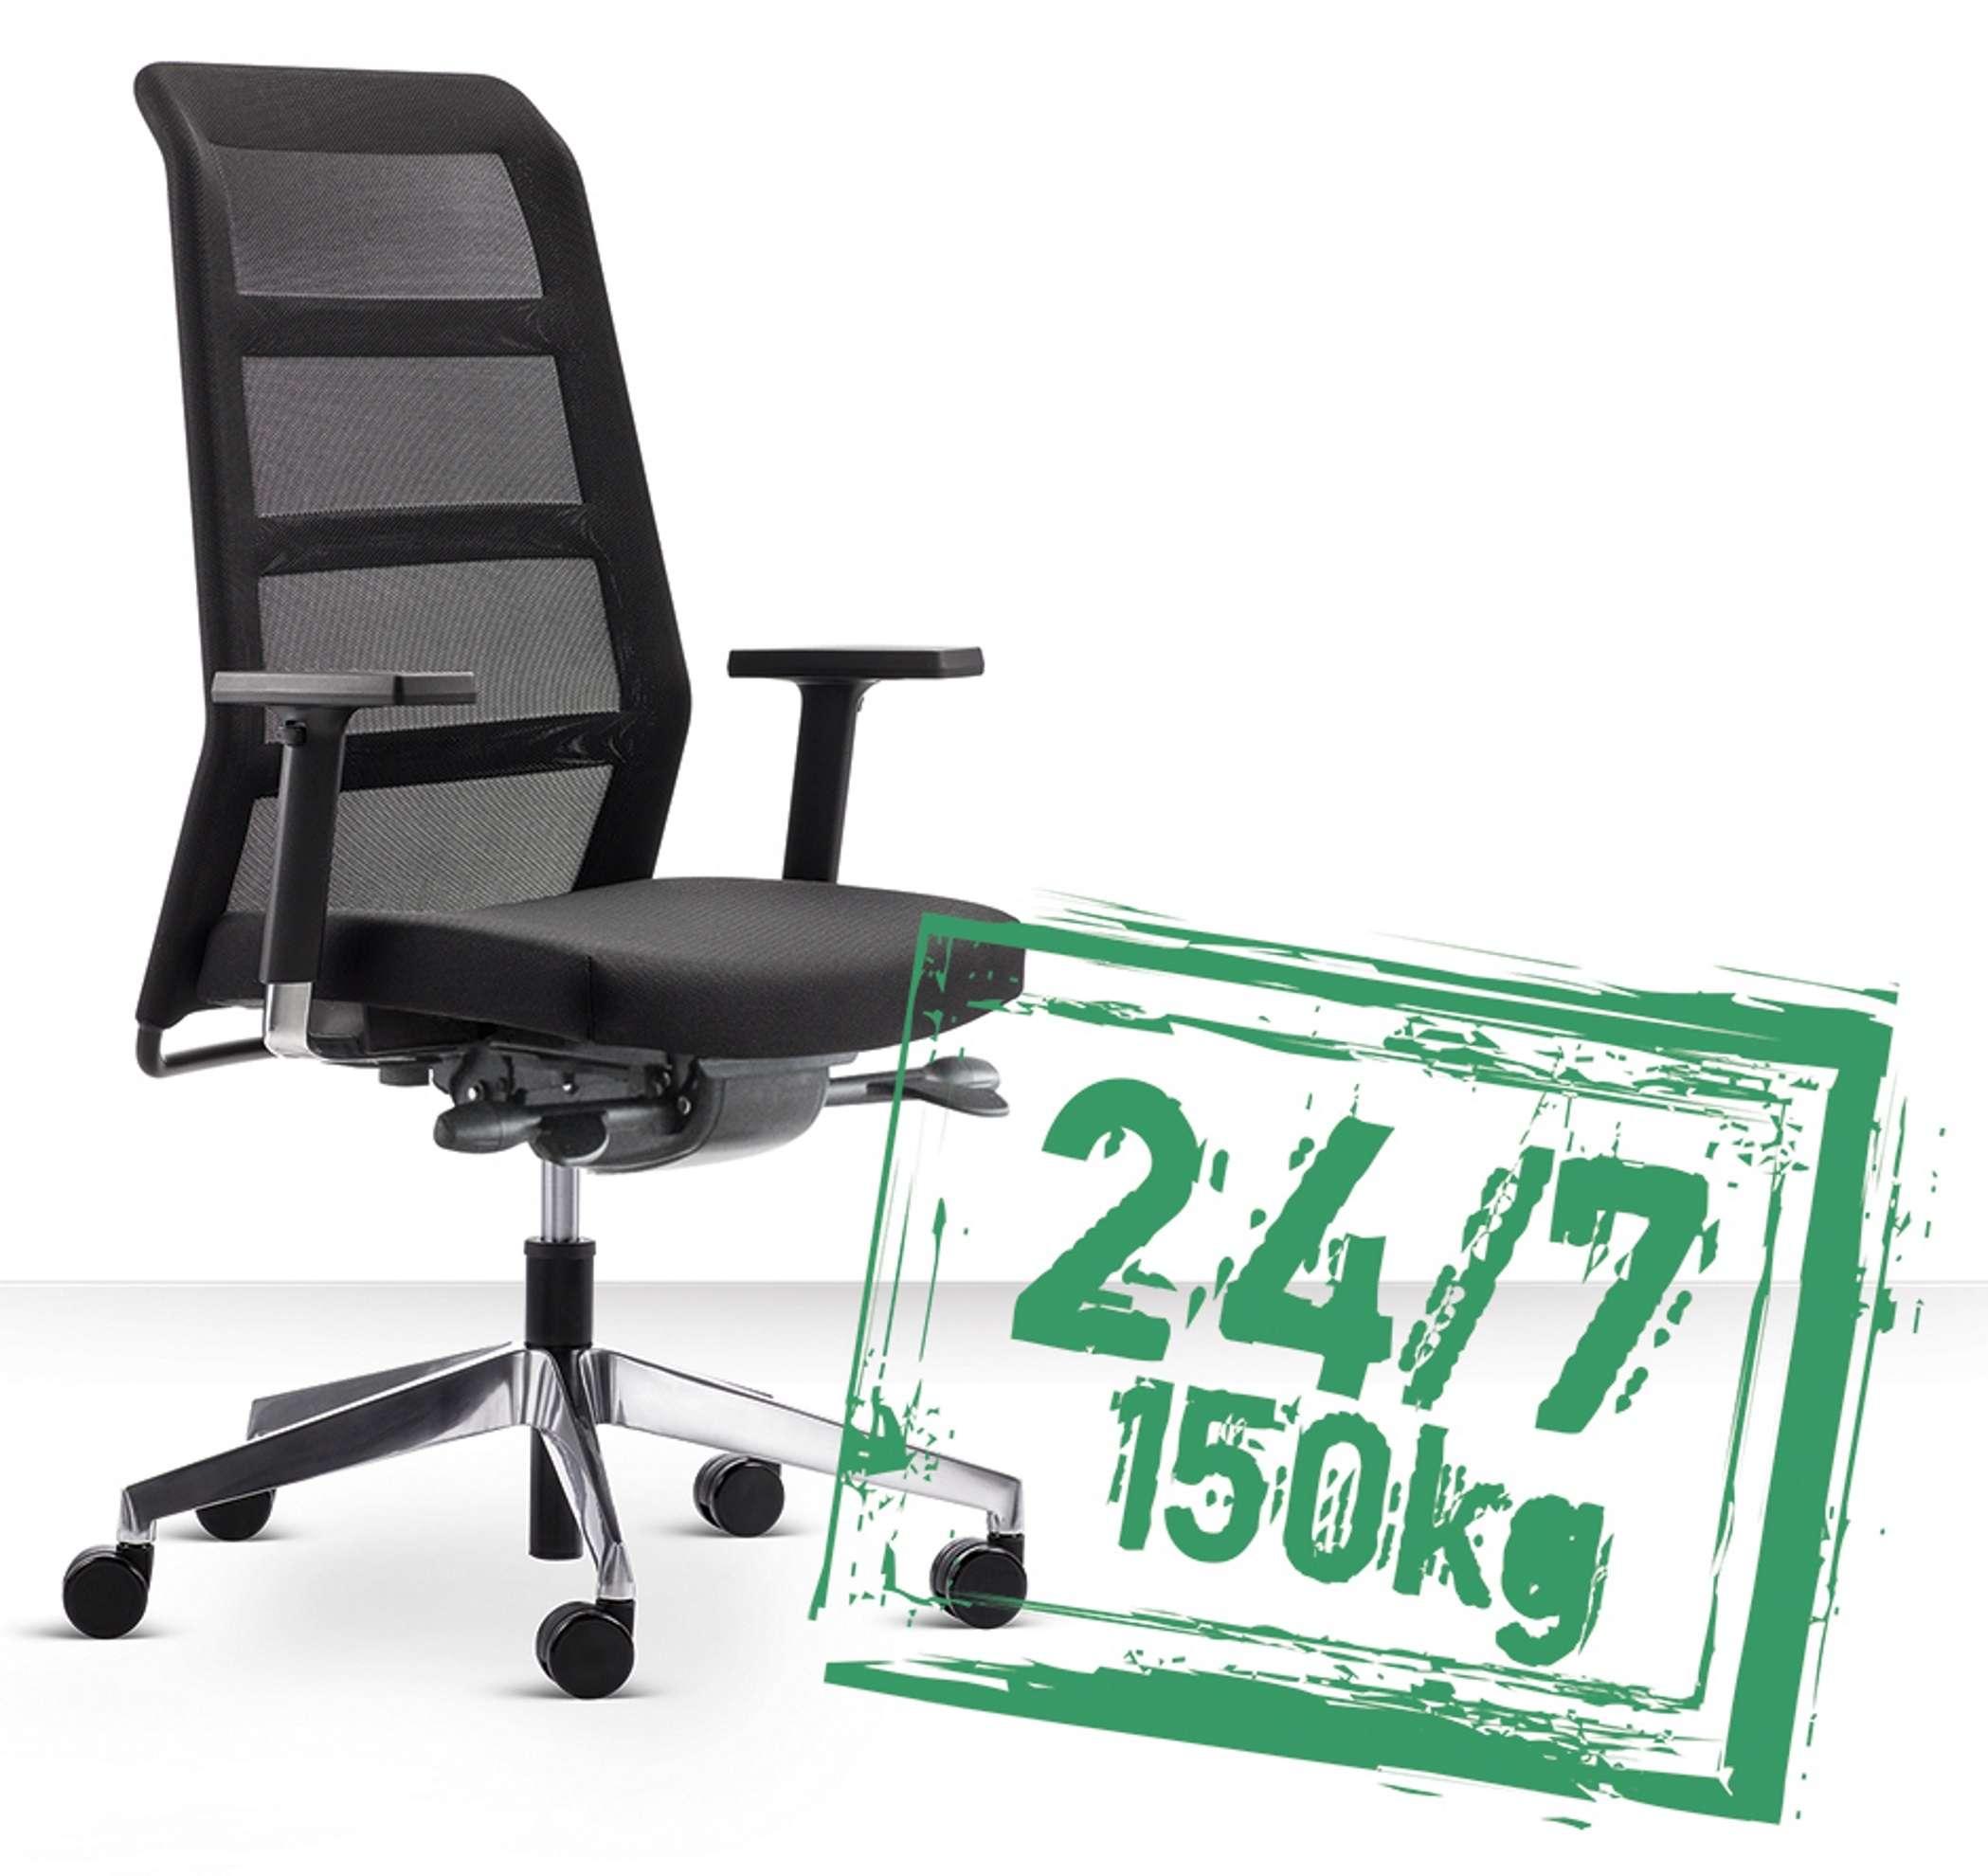 Goede Bureaustoel Voor Rug.Vijf Tips Voor De Aanschaf Van Een Bureaustoel Voor Grote